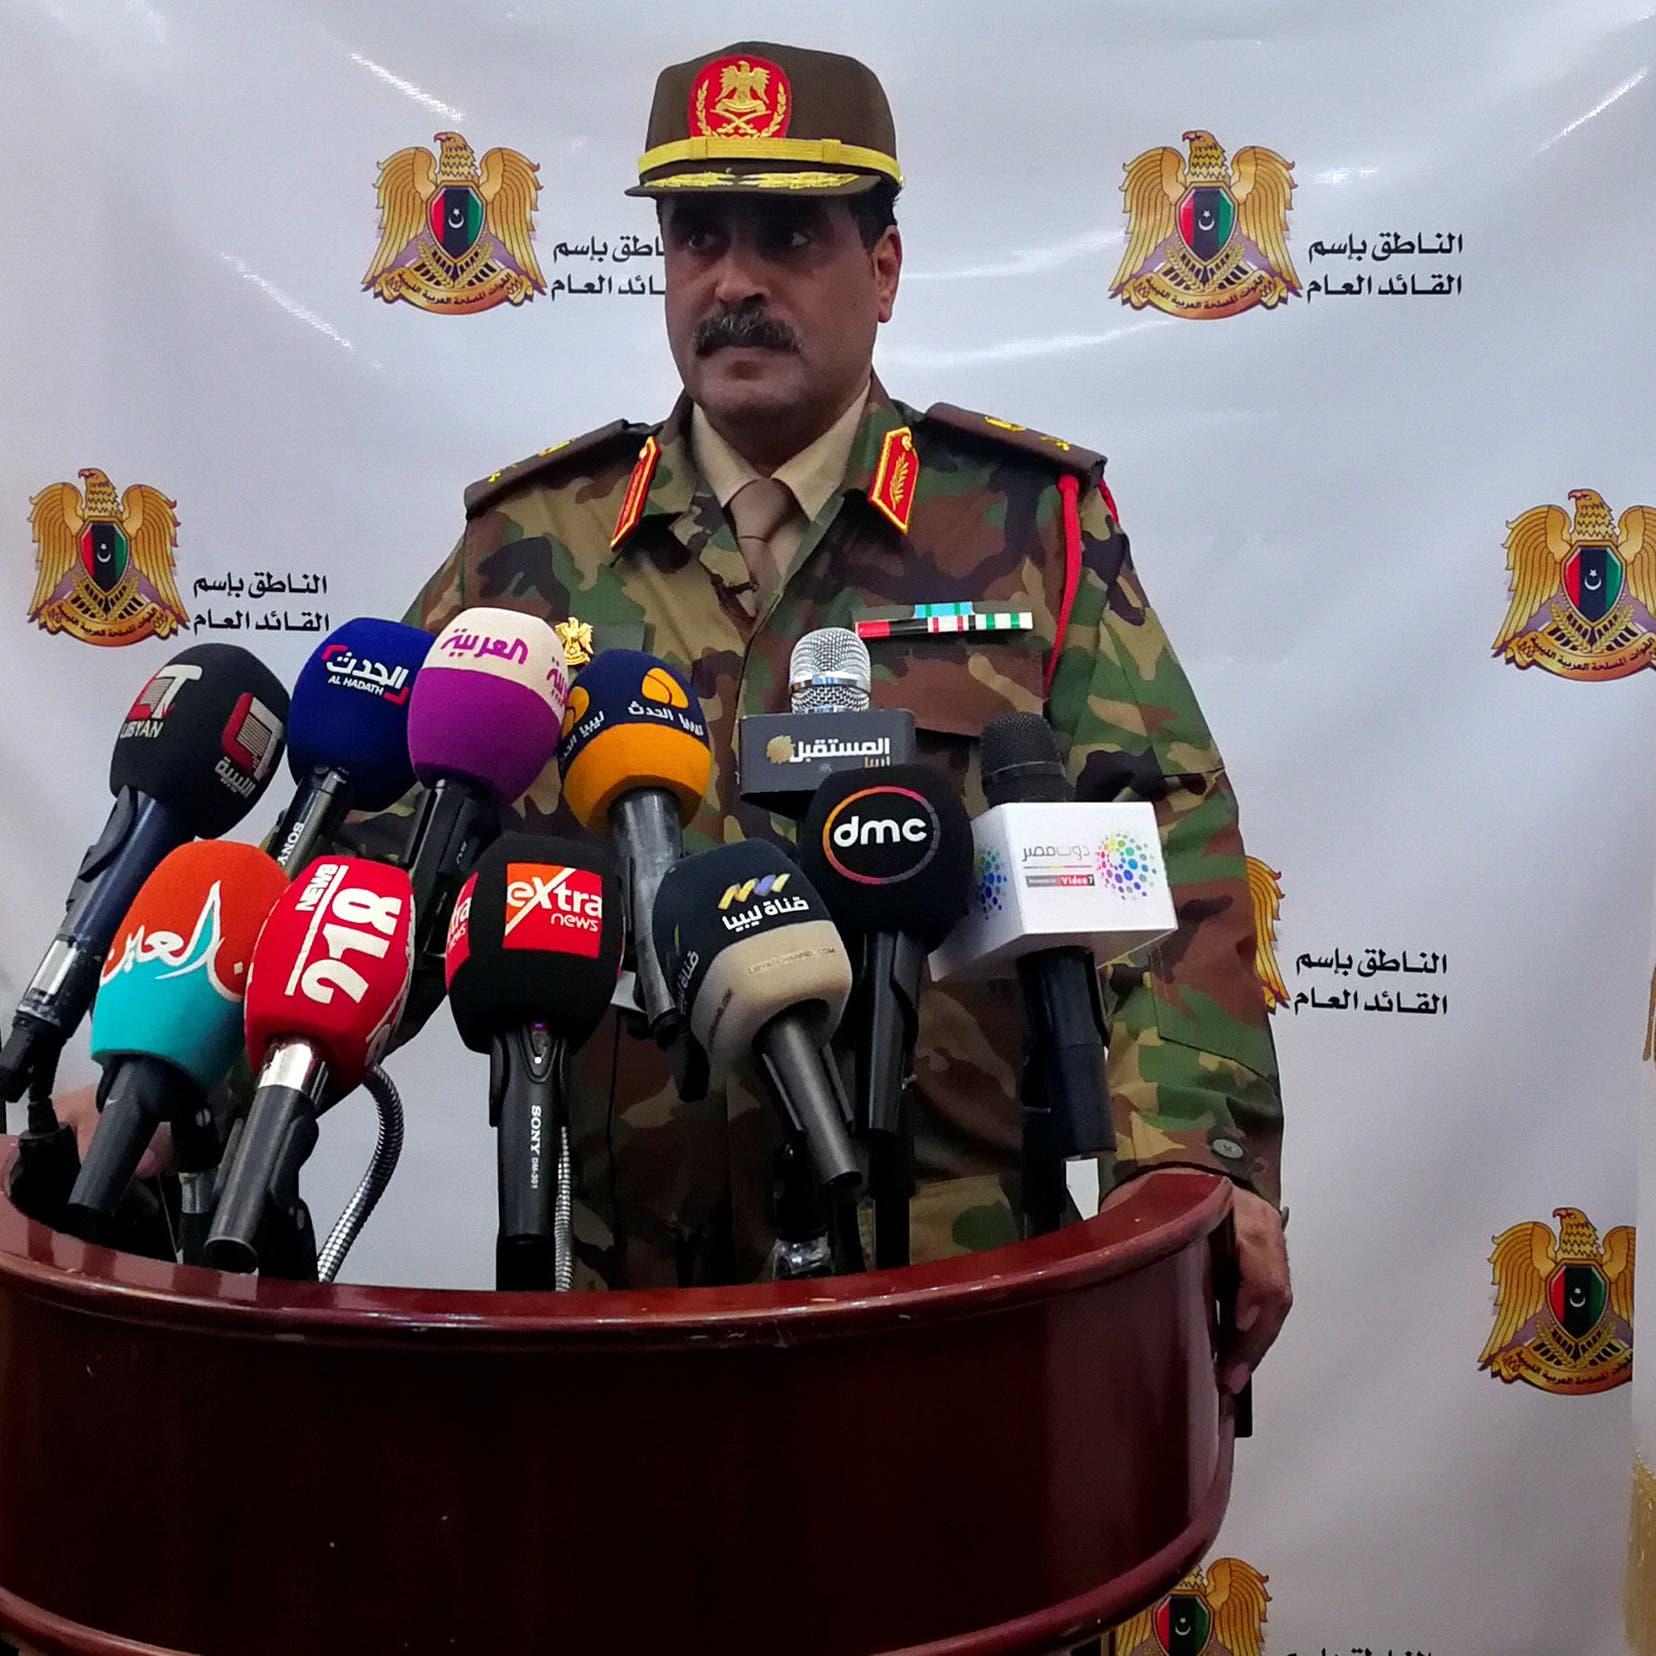 المسماري: لقاءات للقاعدة والإخوان بقطر وتركيا بشأن معركة طرابلس